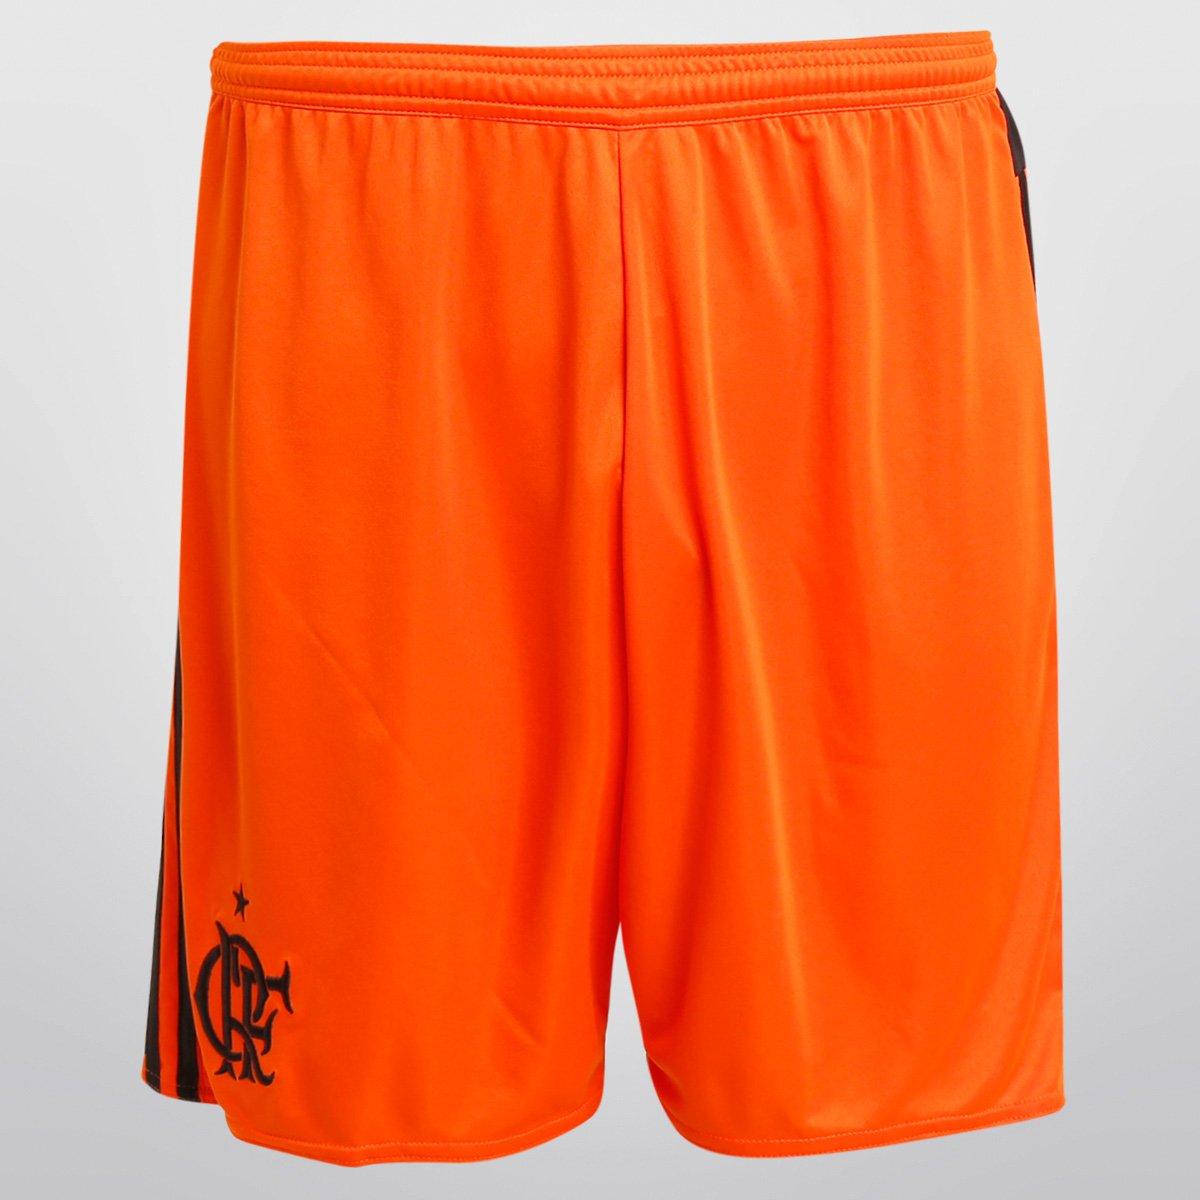 Calção Adidas Goleiro Flamengo 2015 - Compre Agora  2c0e1a35a0656